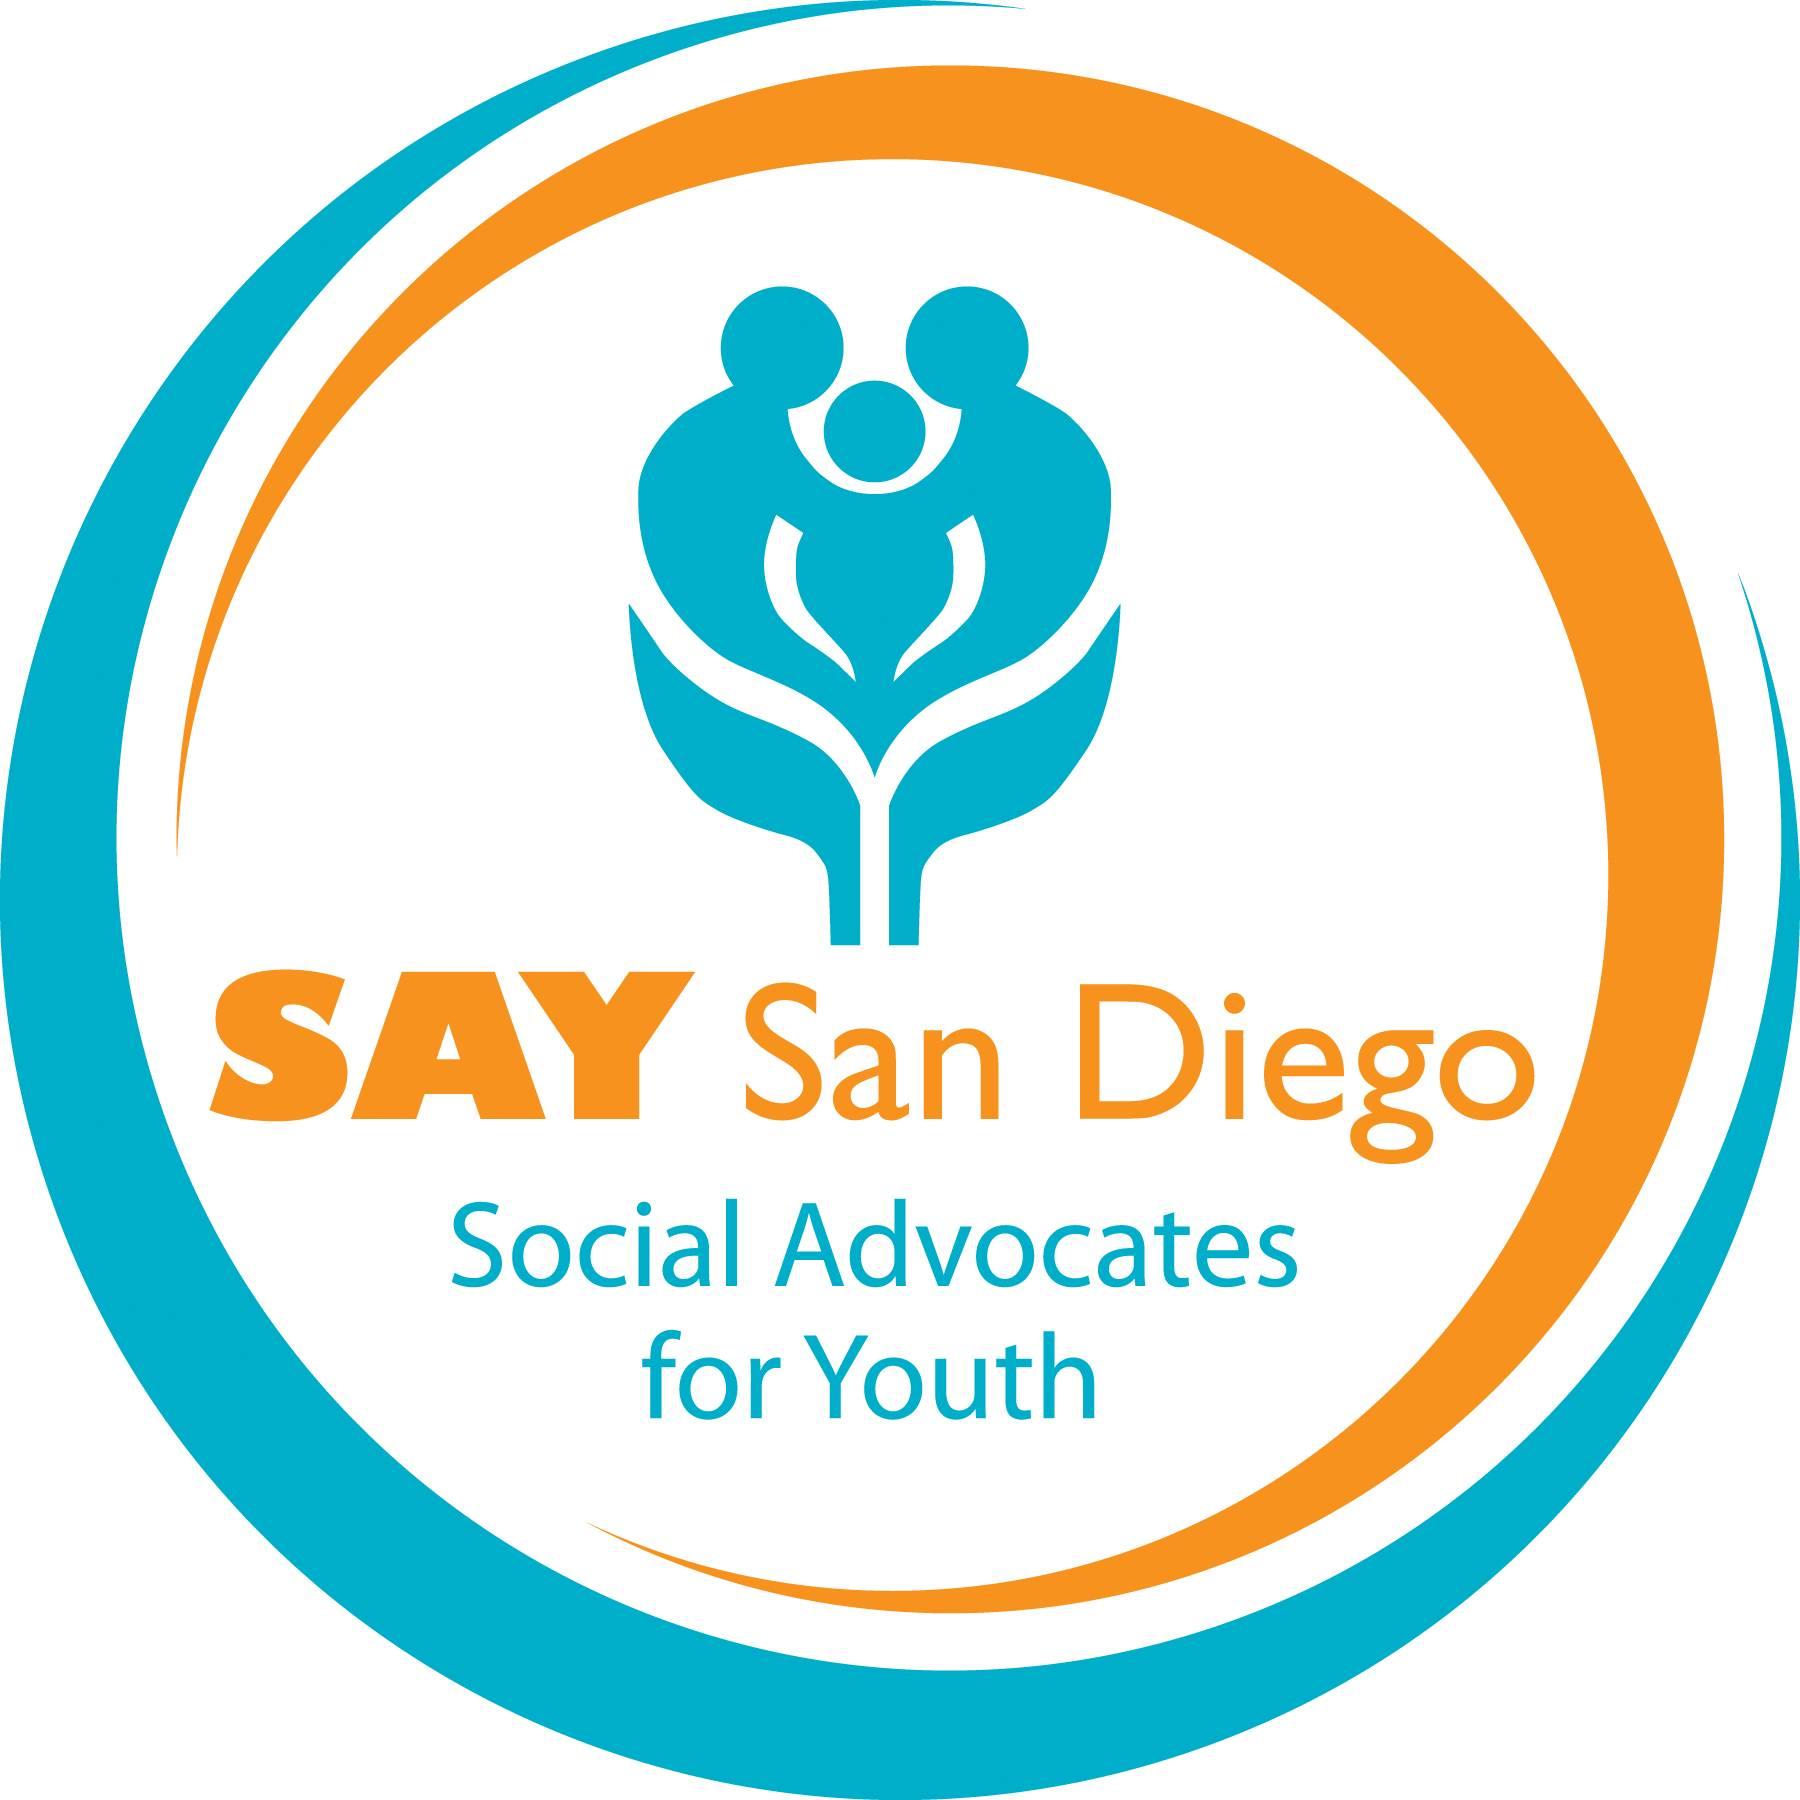 Logo of SAY San Diego